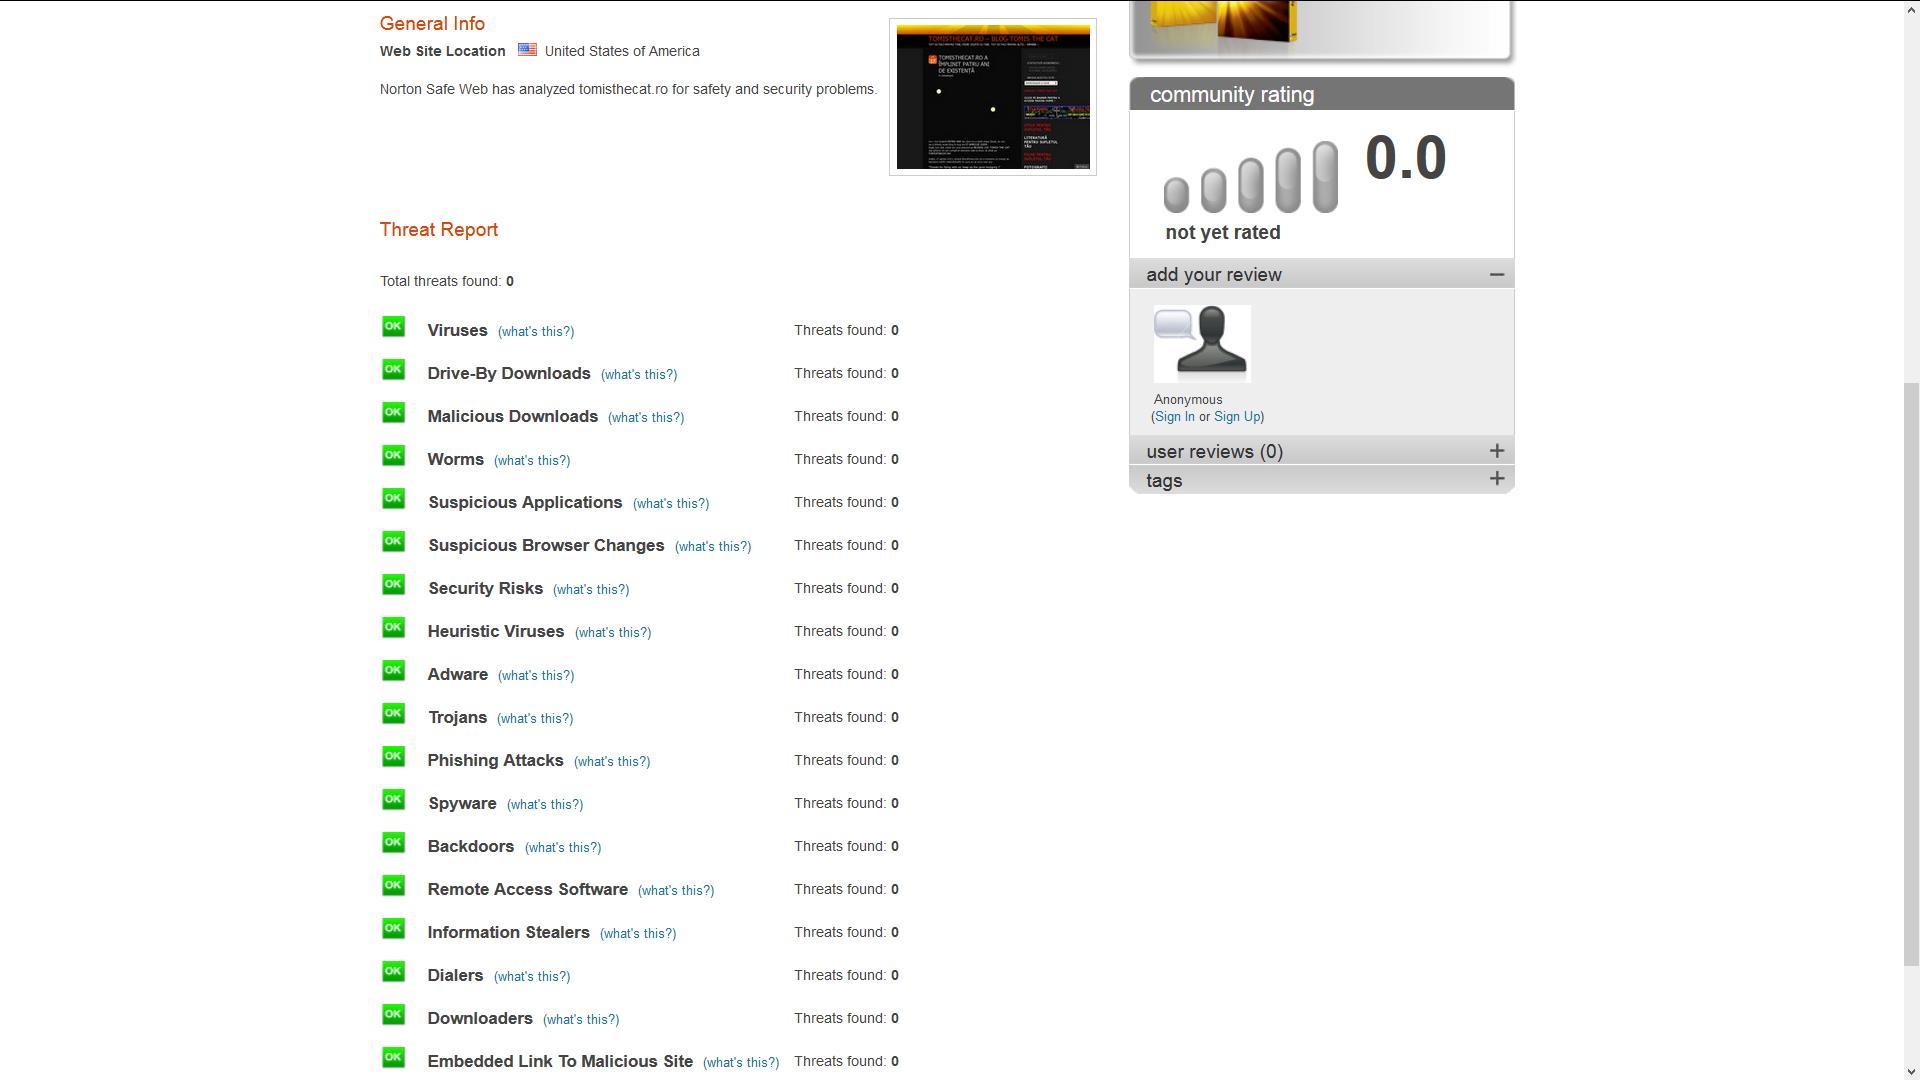 Raport de analiza a blogului tomisthecat.ro intocmit de Norton Safe Web care confirma ca nu exista amenintari de niciun fel